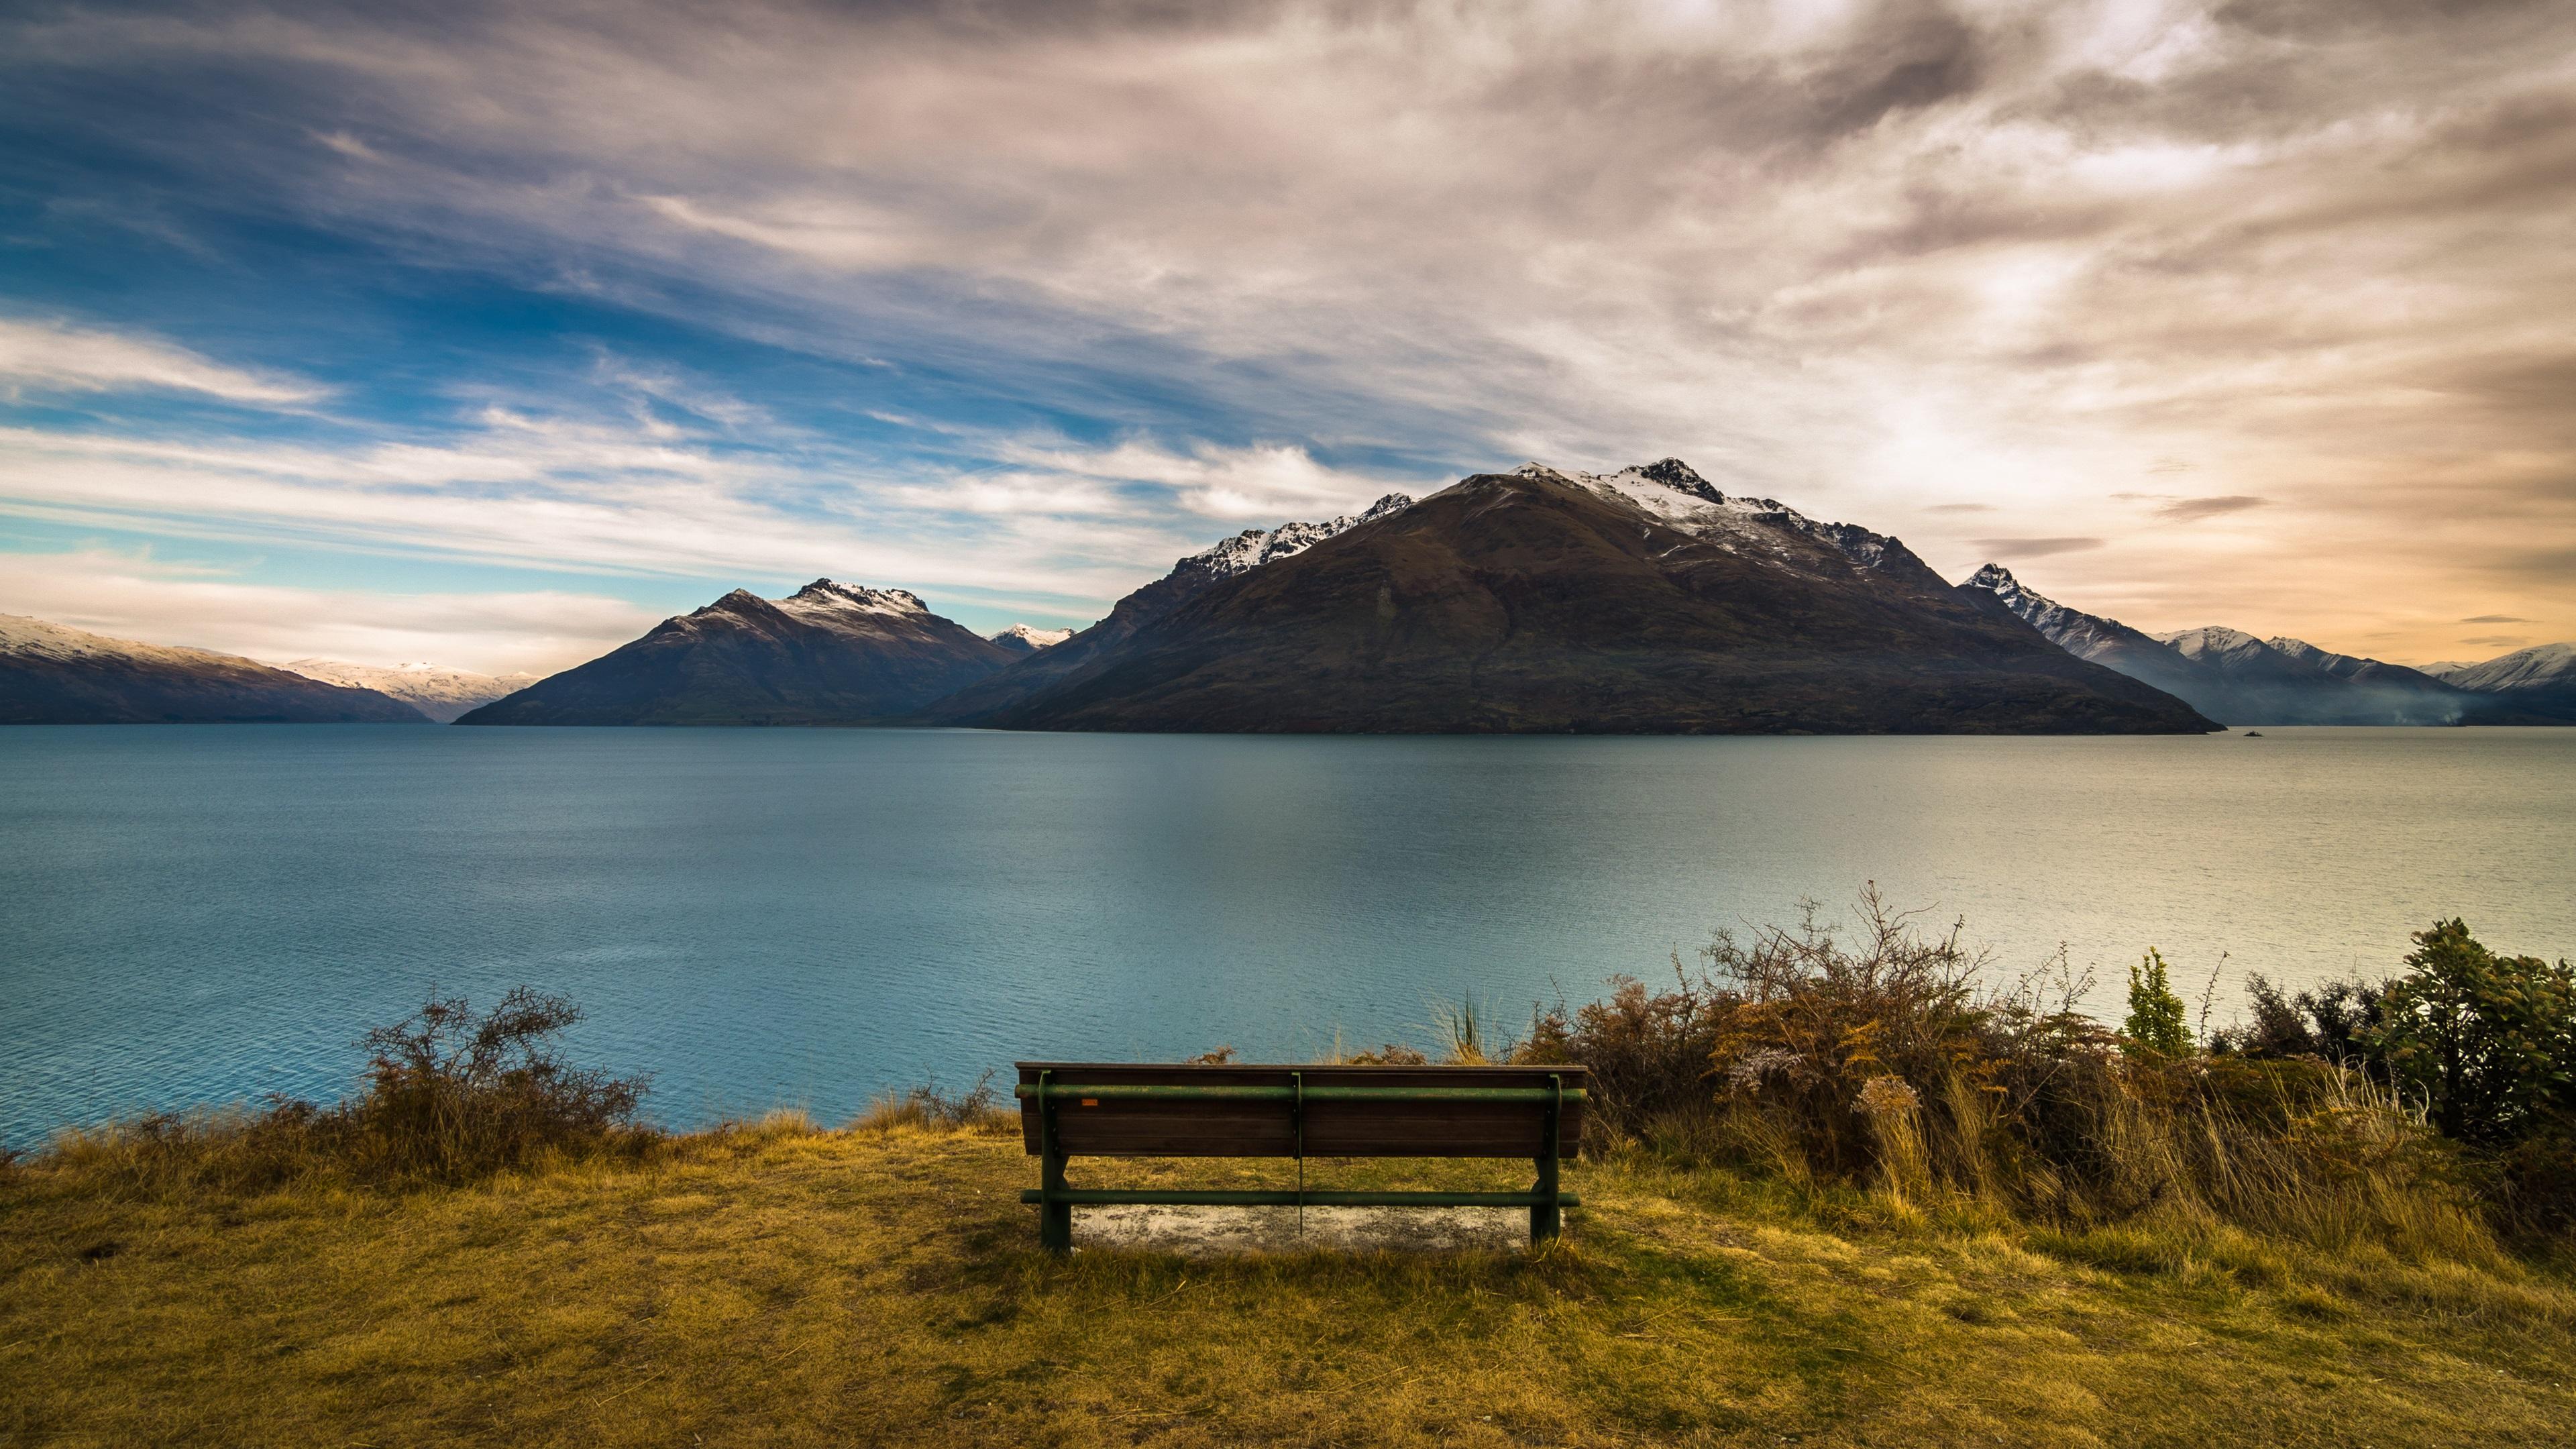 Christchurch Wallpaper: Fondos De Pantalla Nueva Zelanda, Queenstown, Montañas